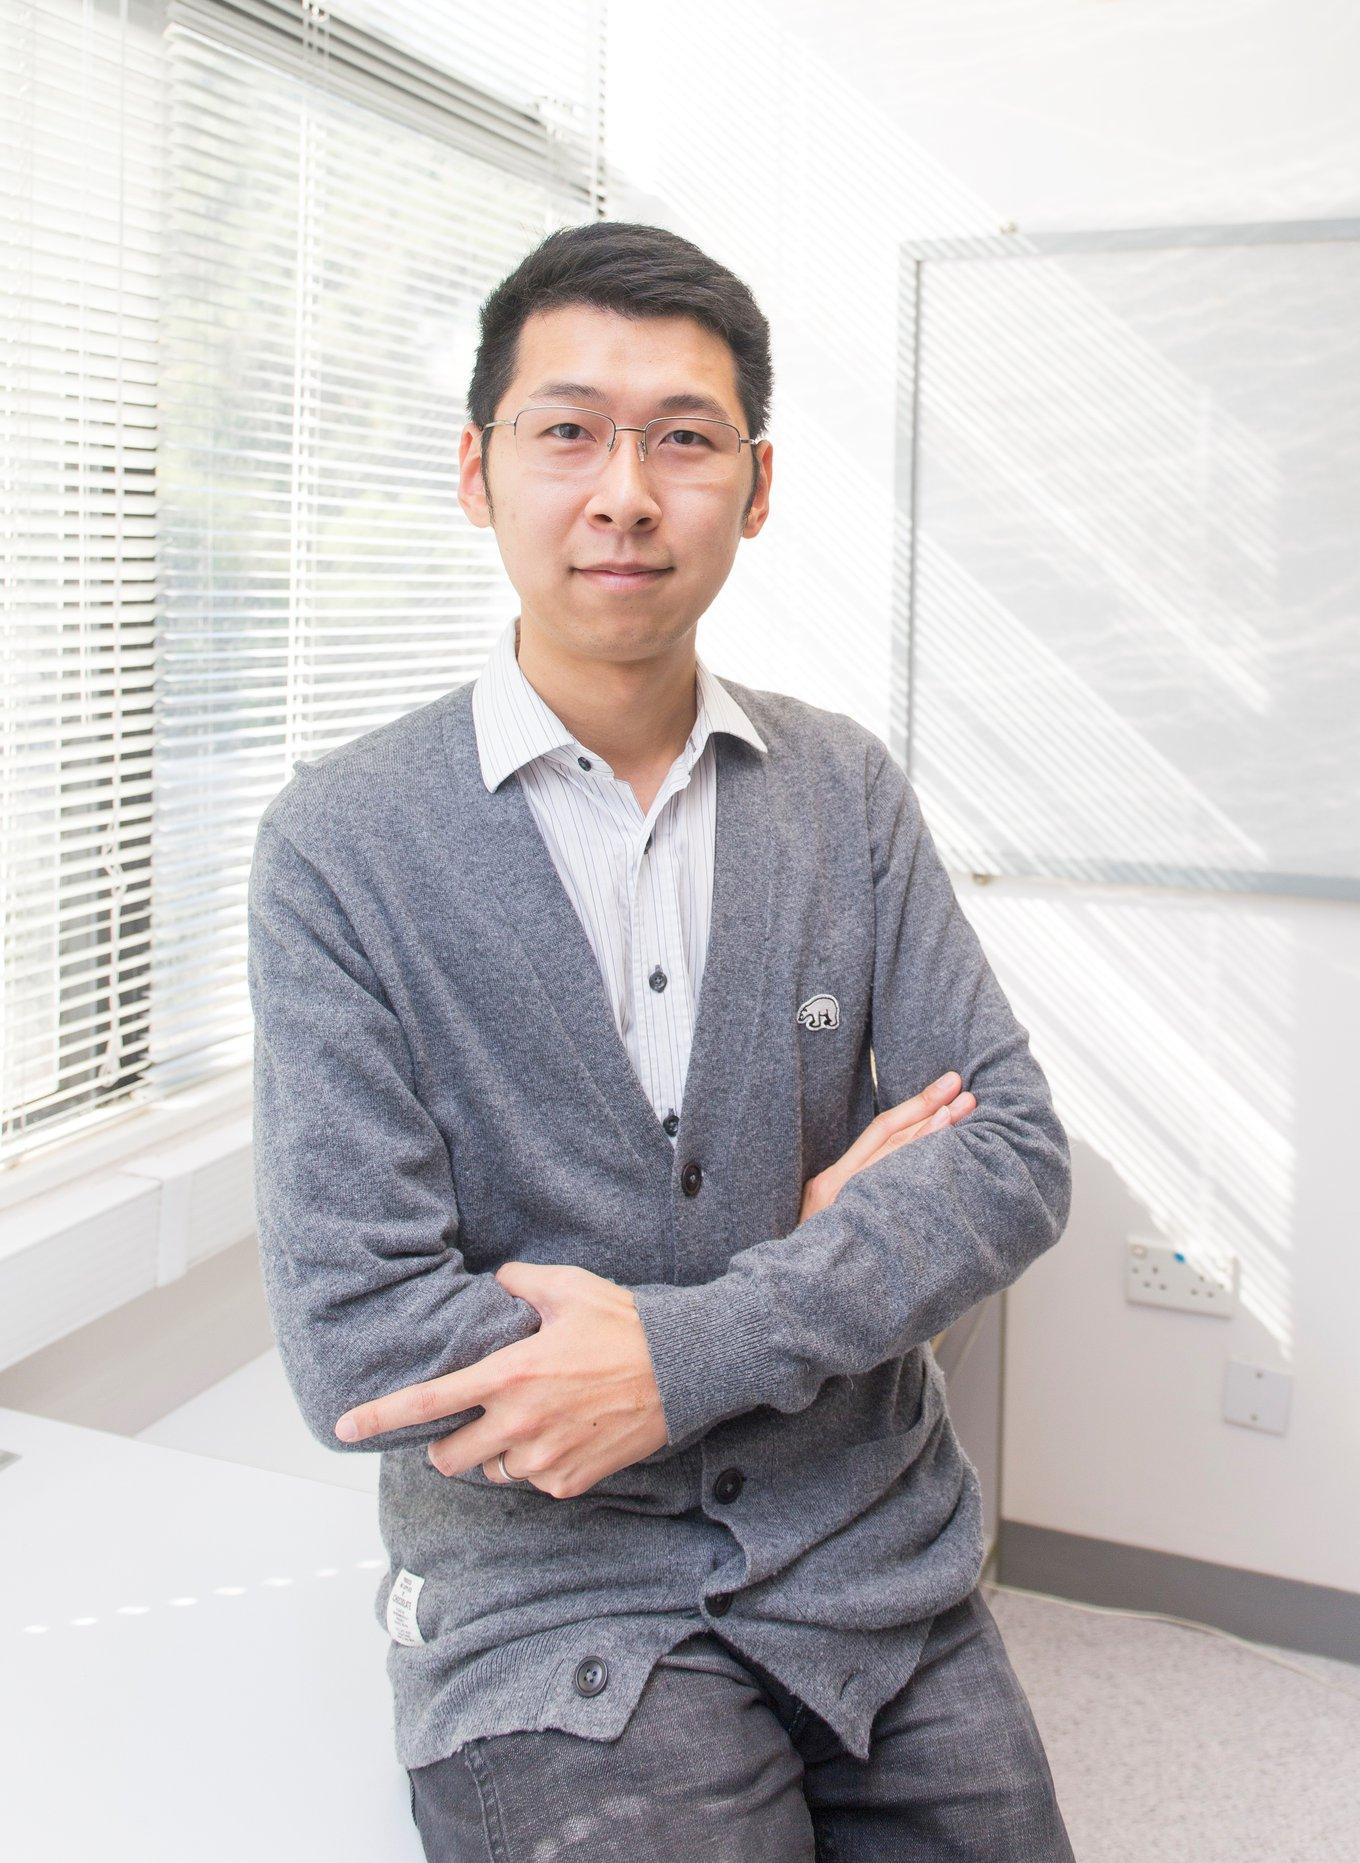 Photo of Ruibang Luo